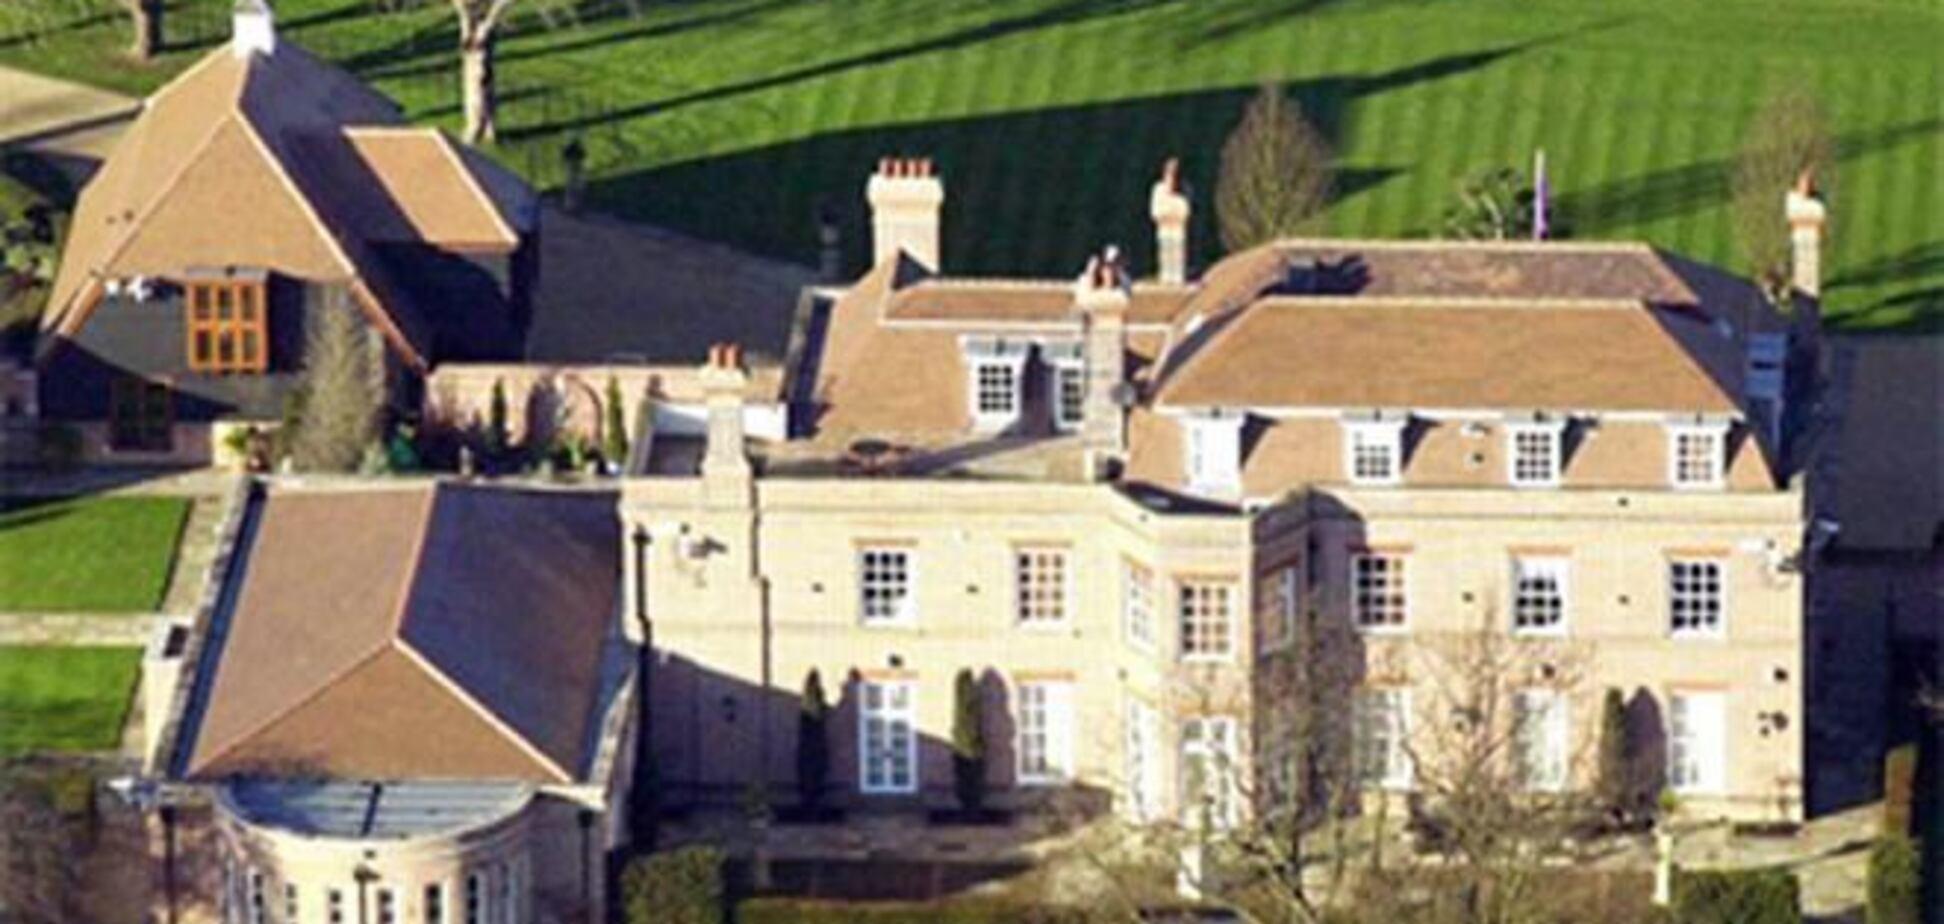 Дэвид Бекхэм продал 'Бекингемский дворец' за 12 миллионов фунтов стерлингов